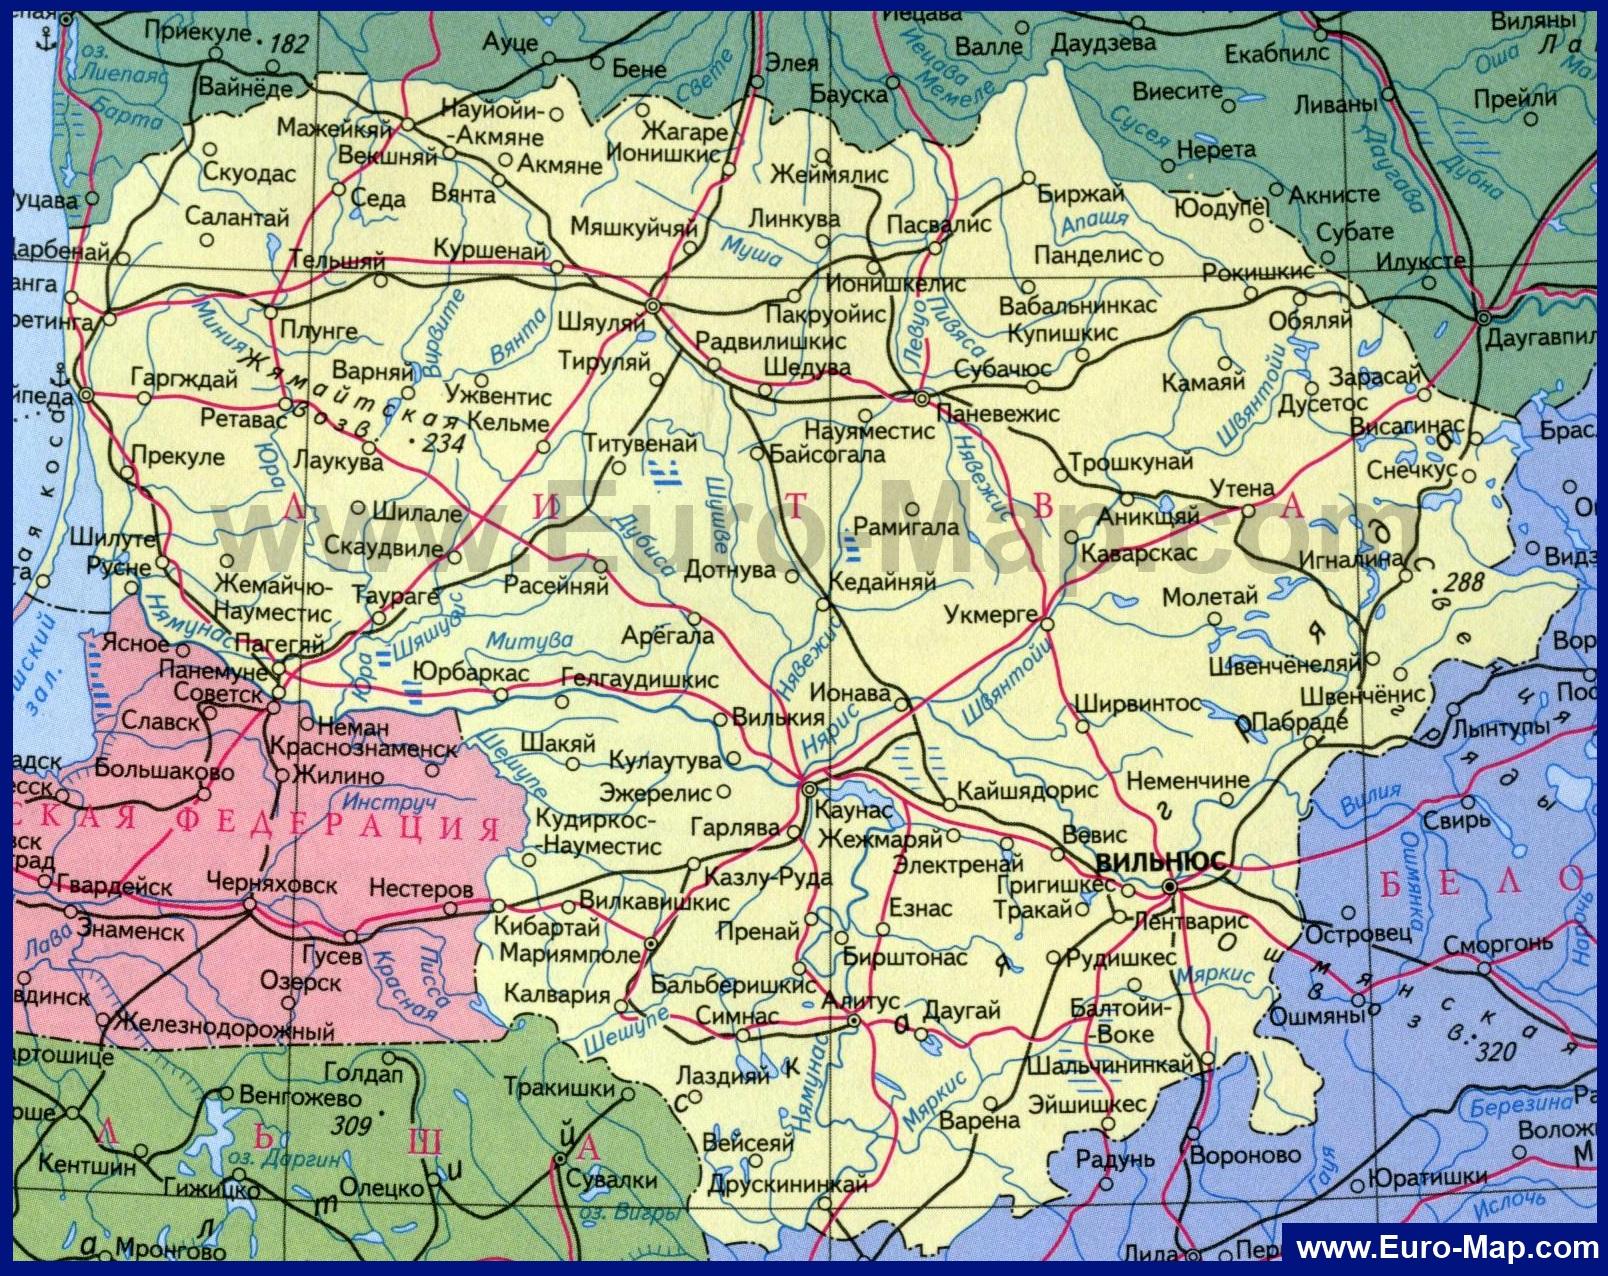 Карты Литвы | Подробная карта Литвы на русском языке ...: http://euro-map.com/karty-litvy/